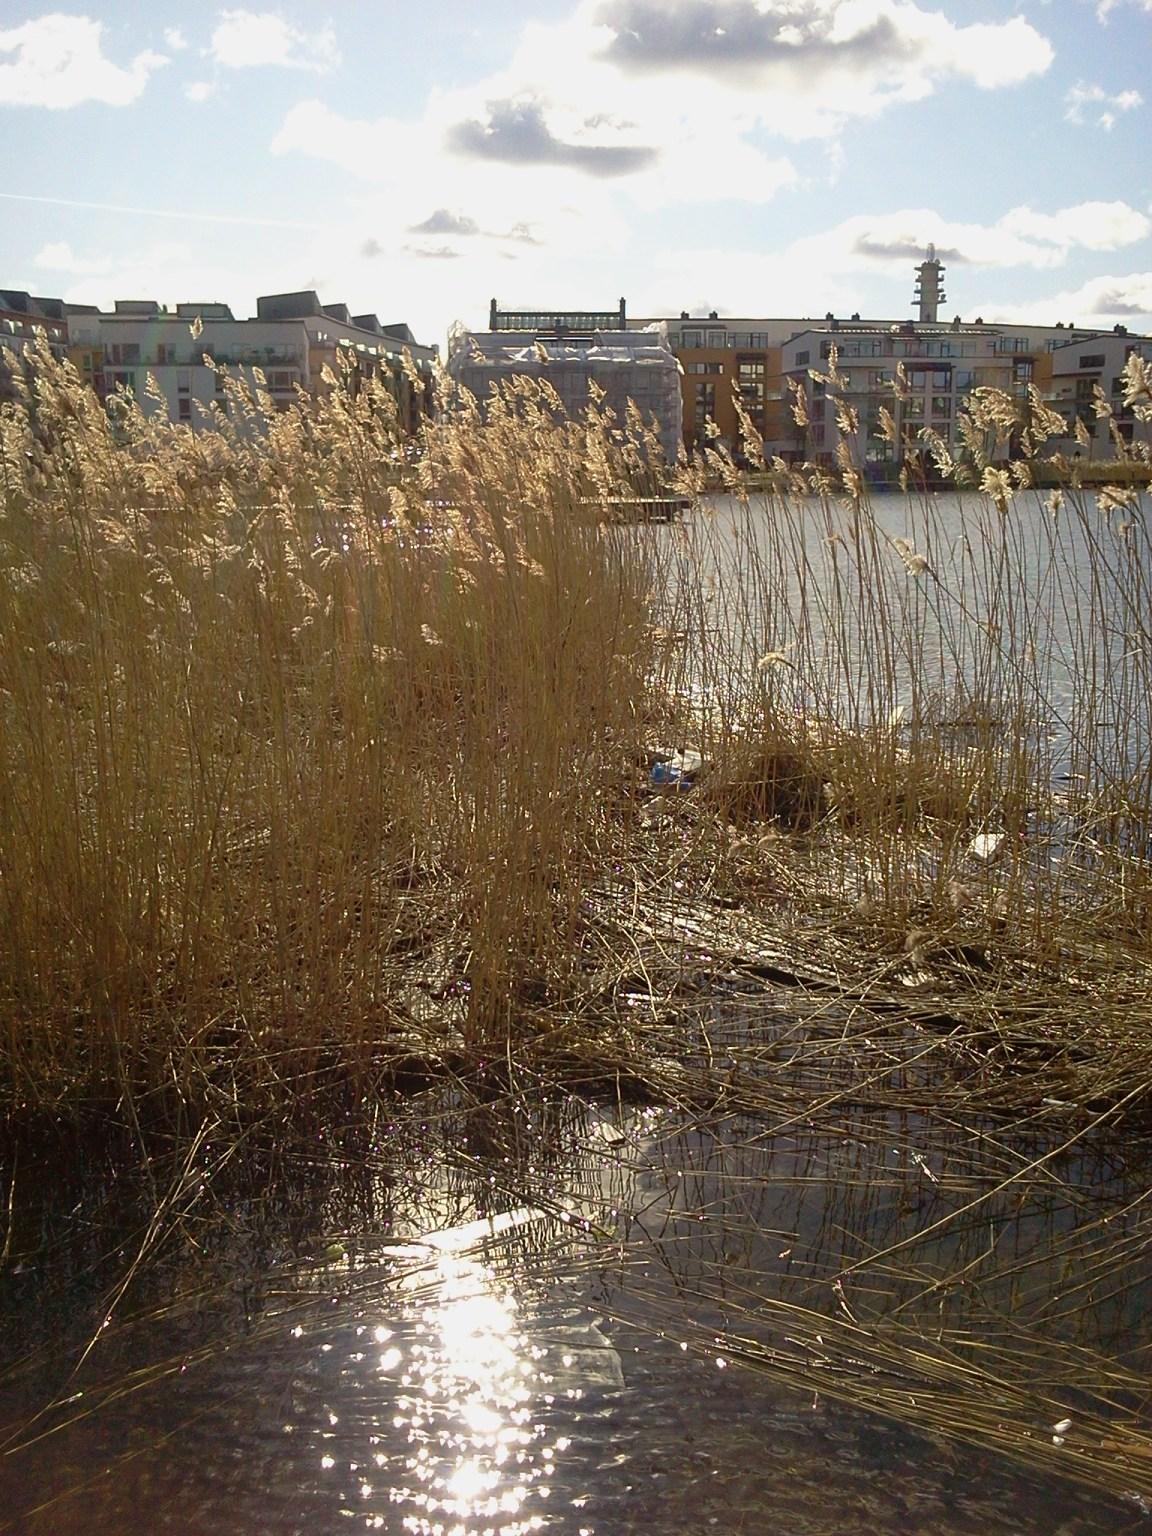 Avfall simmar i vassen vid udden mellan Henriksdalshamnen och Lugnet